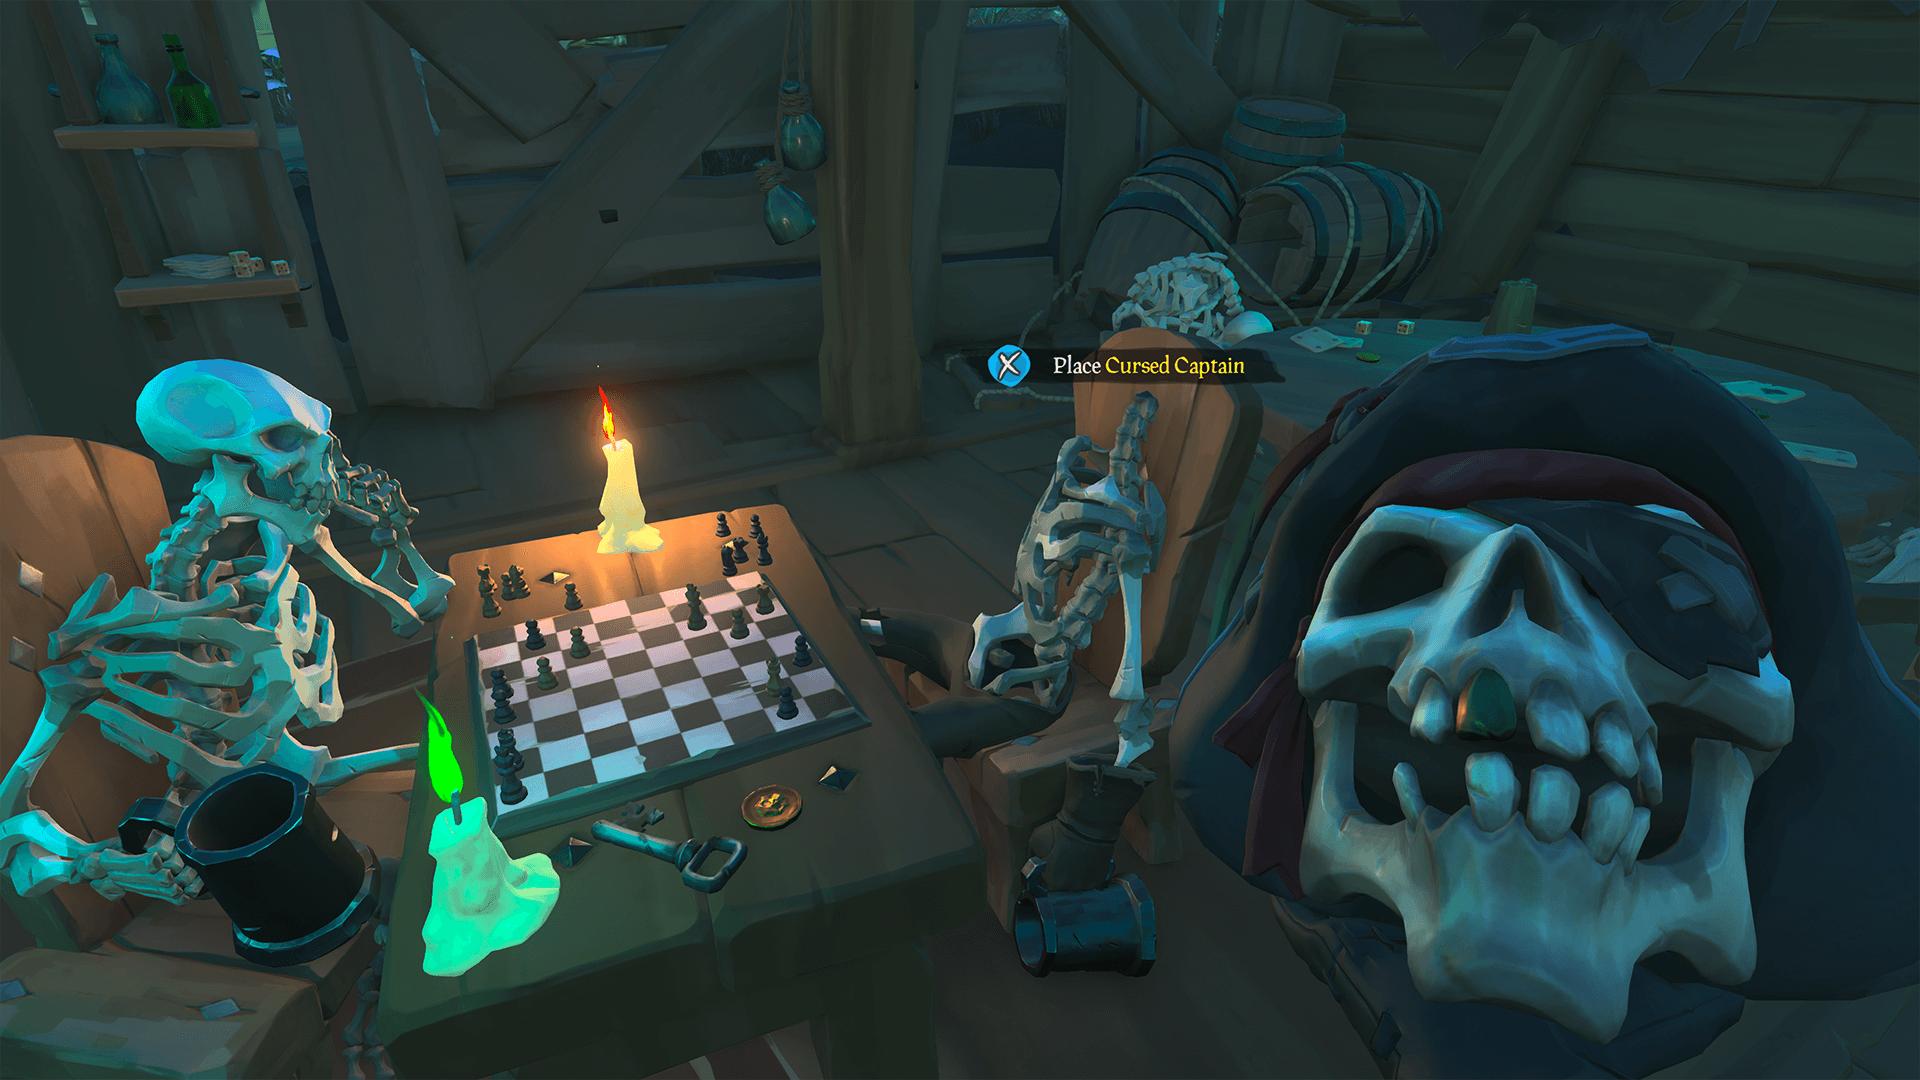 Place Cursed Captain